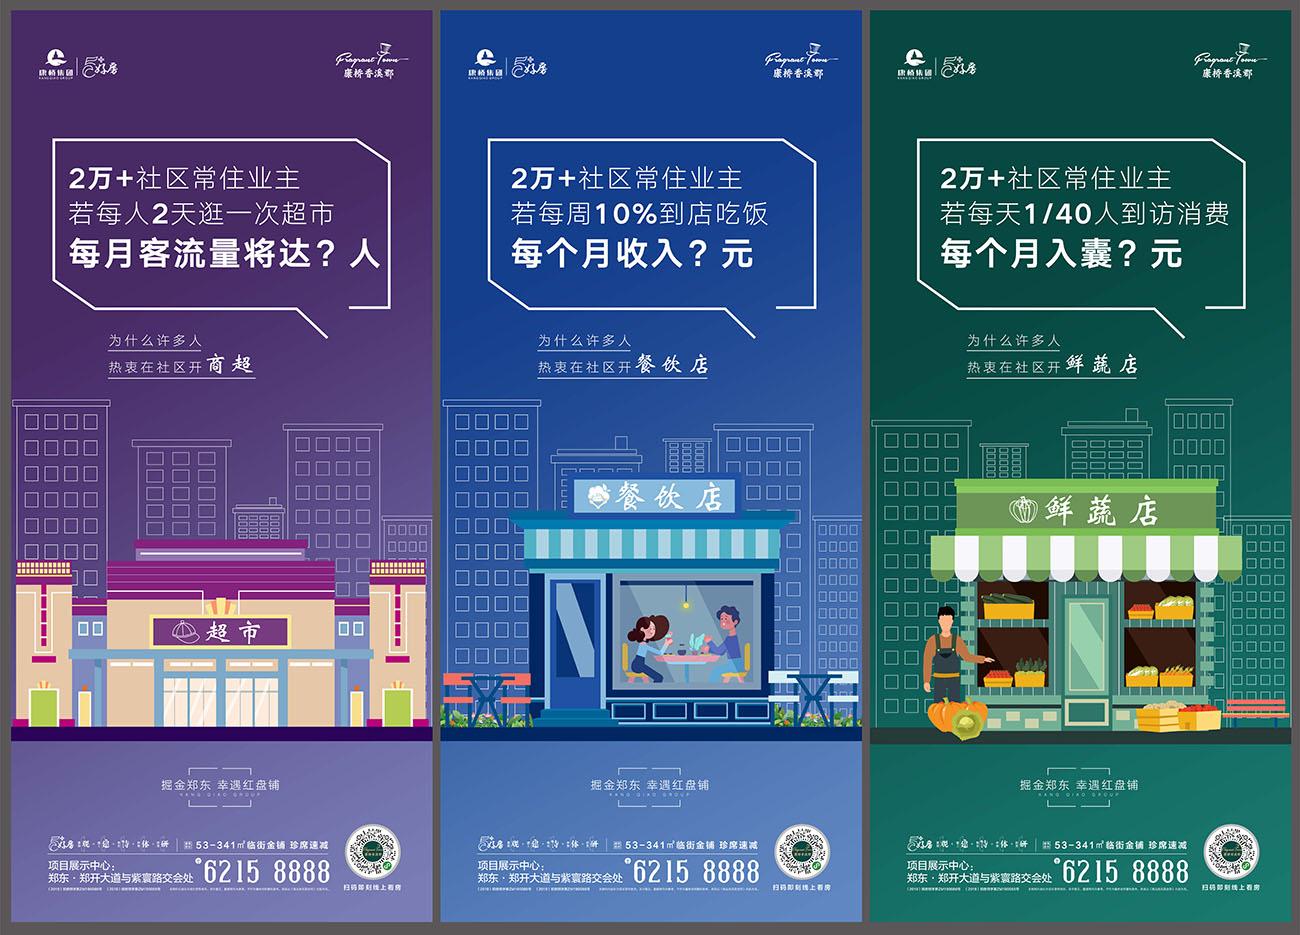 地产商铺卡通插画价值点系列海报AI源文件插图